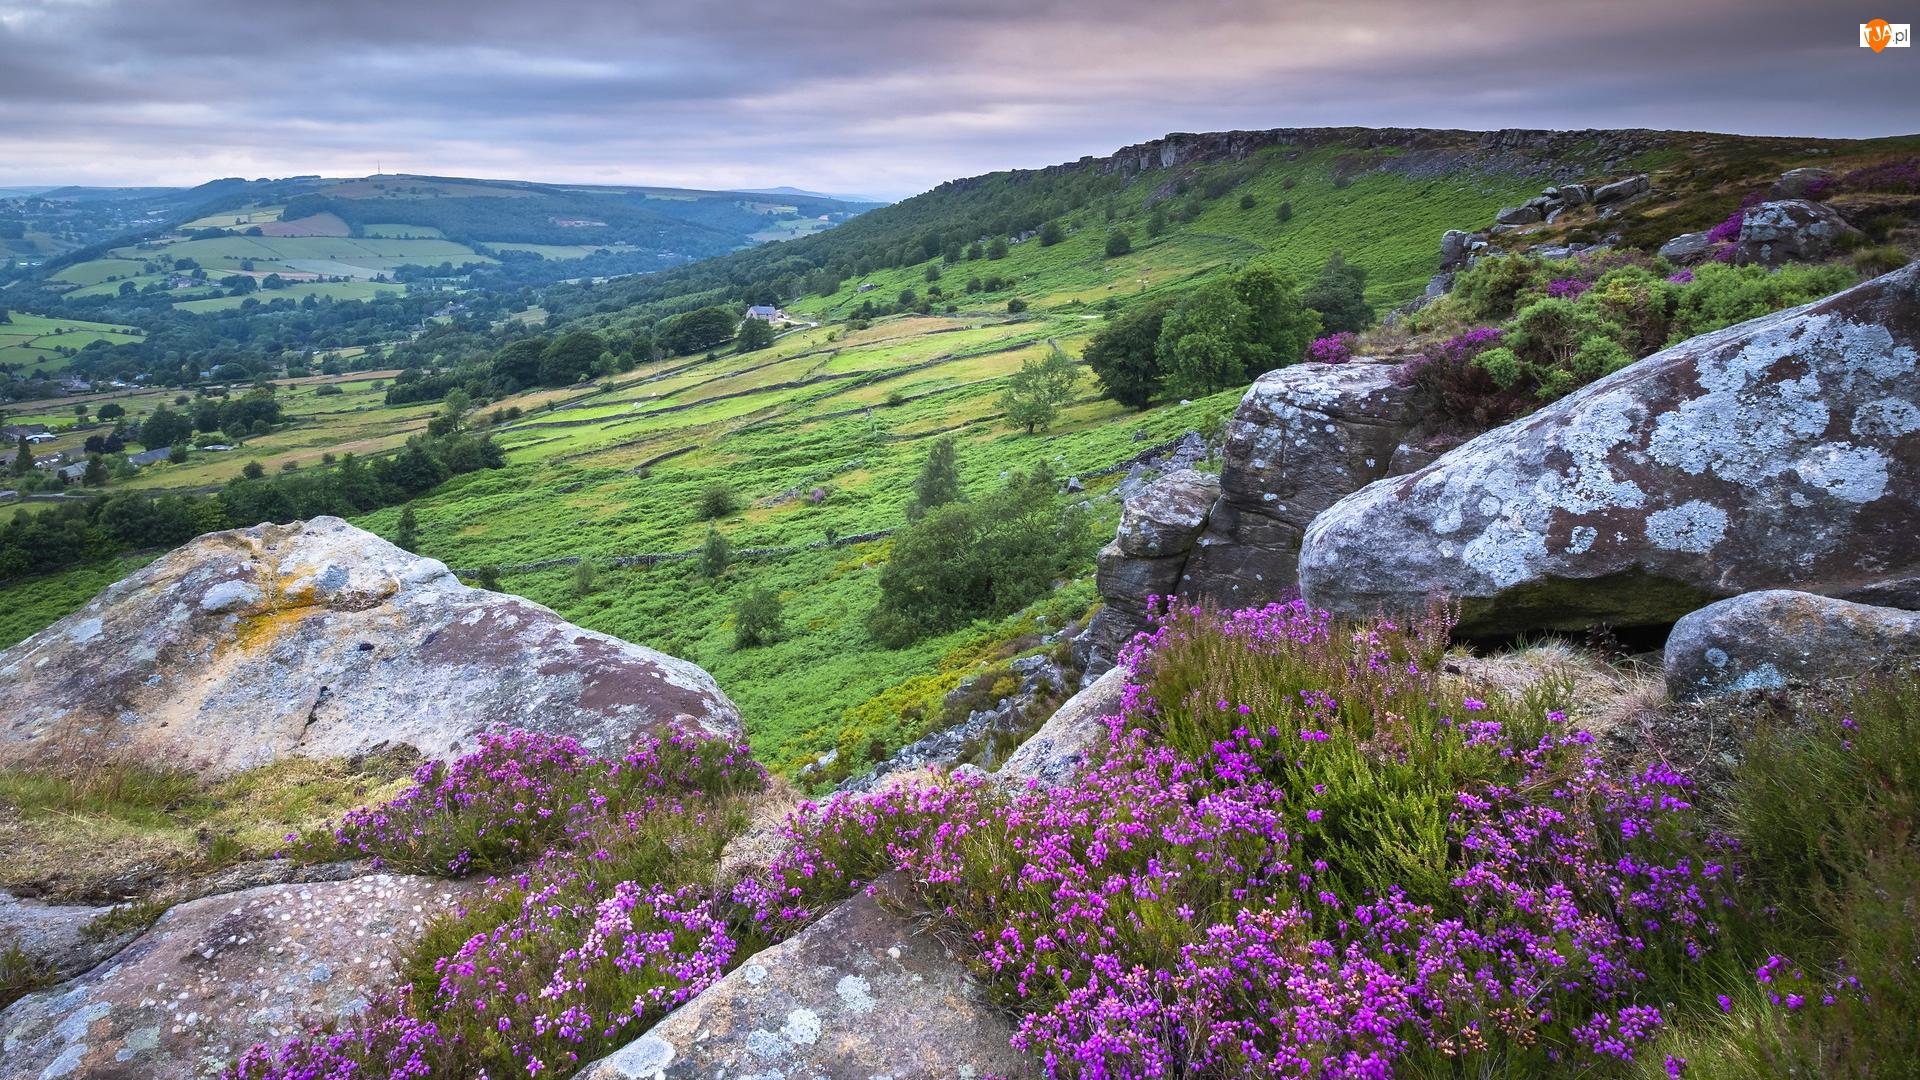 Wzgórza, Anglia, Wrzosy, Skały, Park Narodowy Peak District